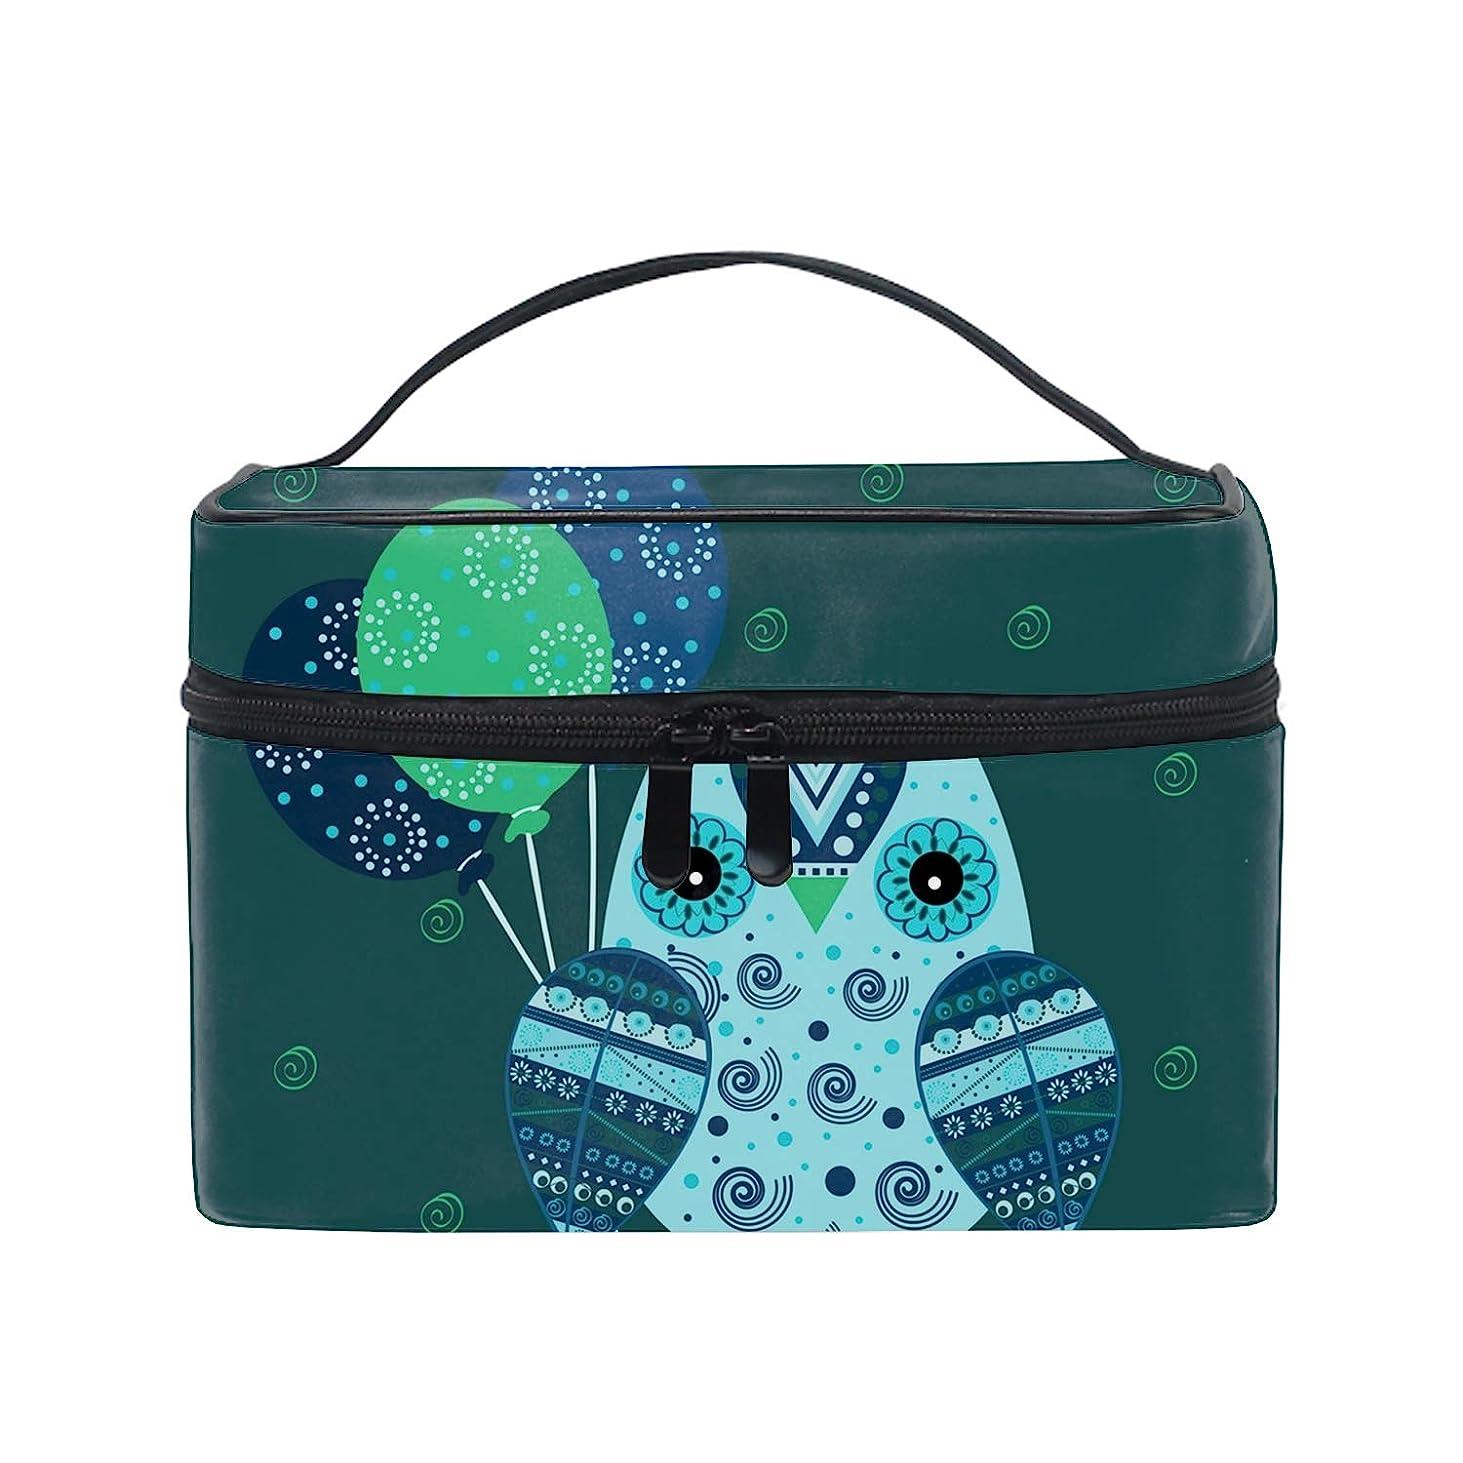 修正する農学男らしさレディースCute Owl 小物入れケース 化粧ポーチ 小物用収納ポーチ 化粧品収納袋